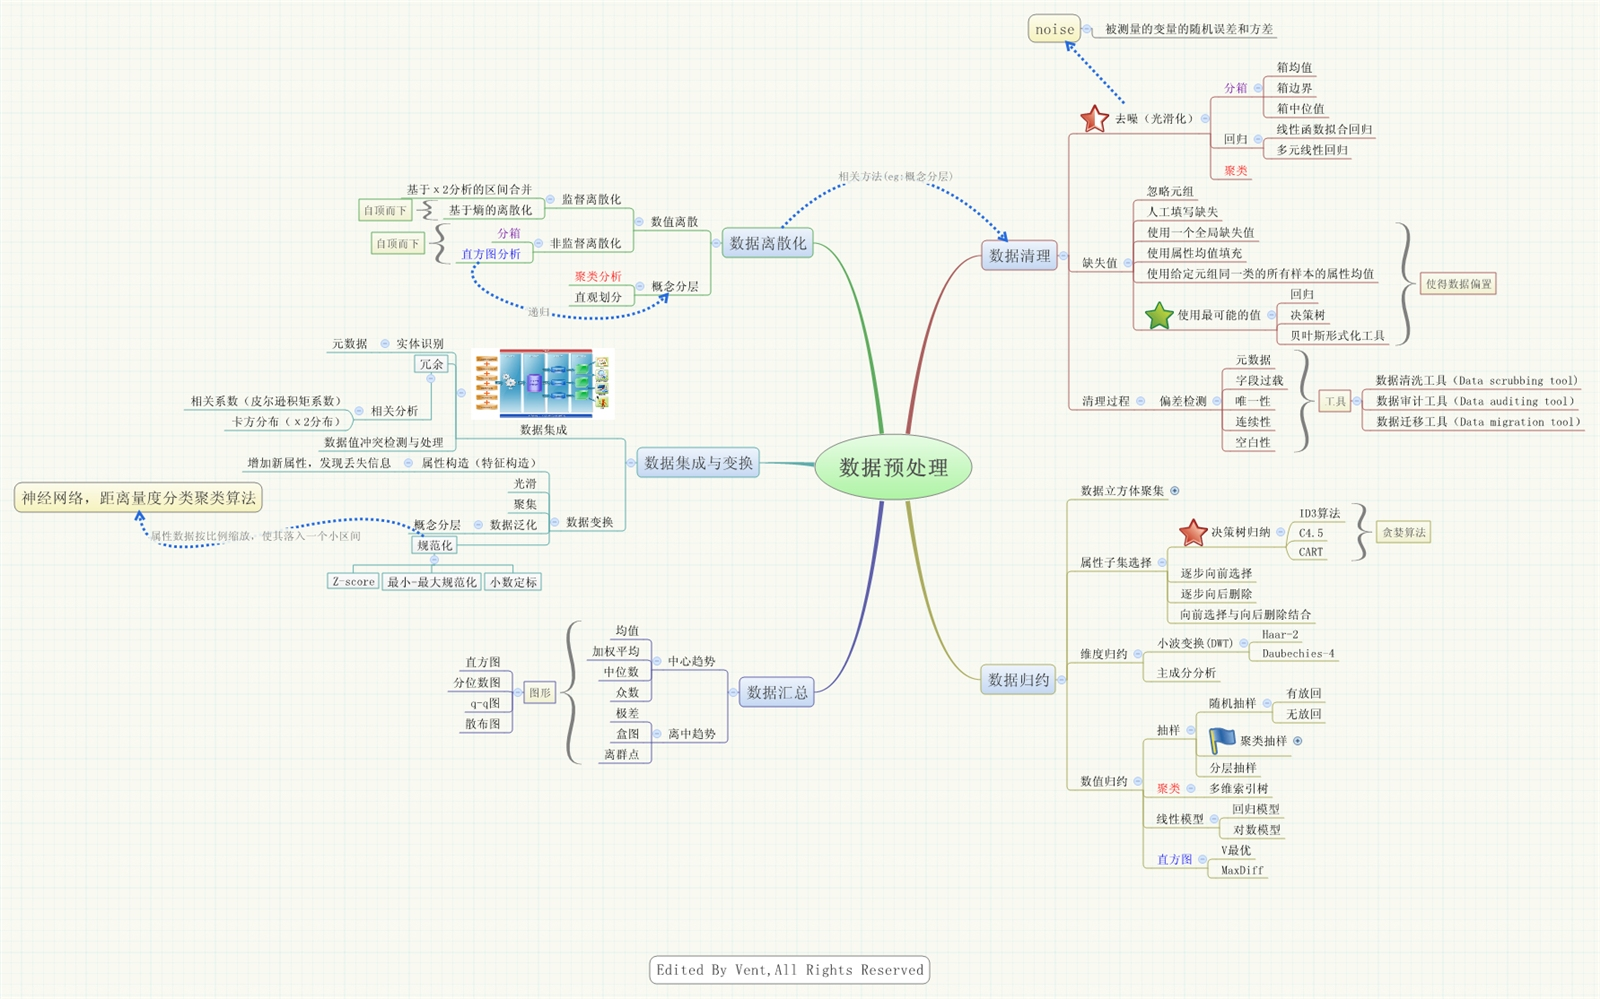 数据预处理的思维导图模板